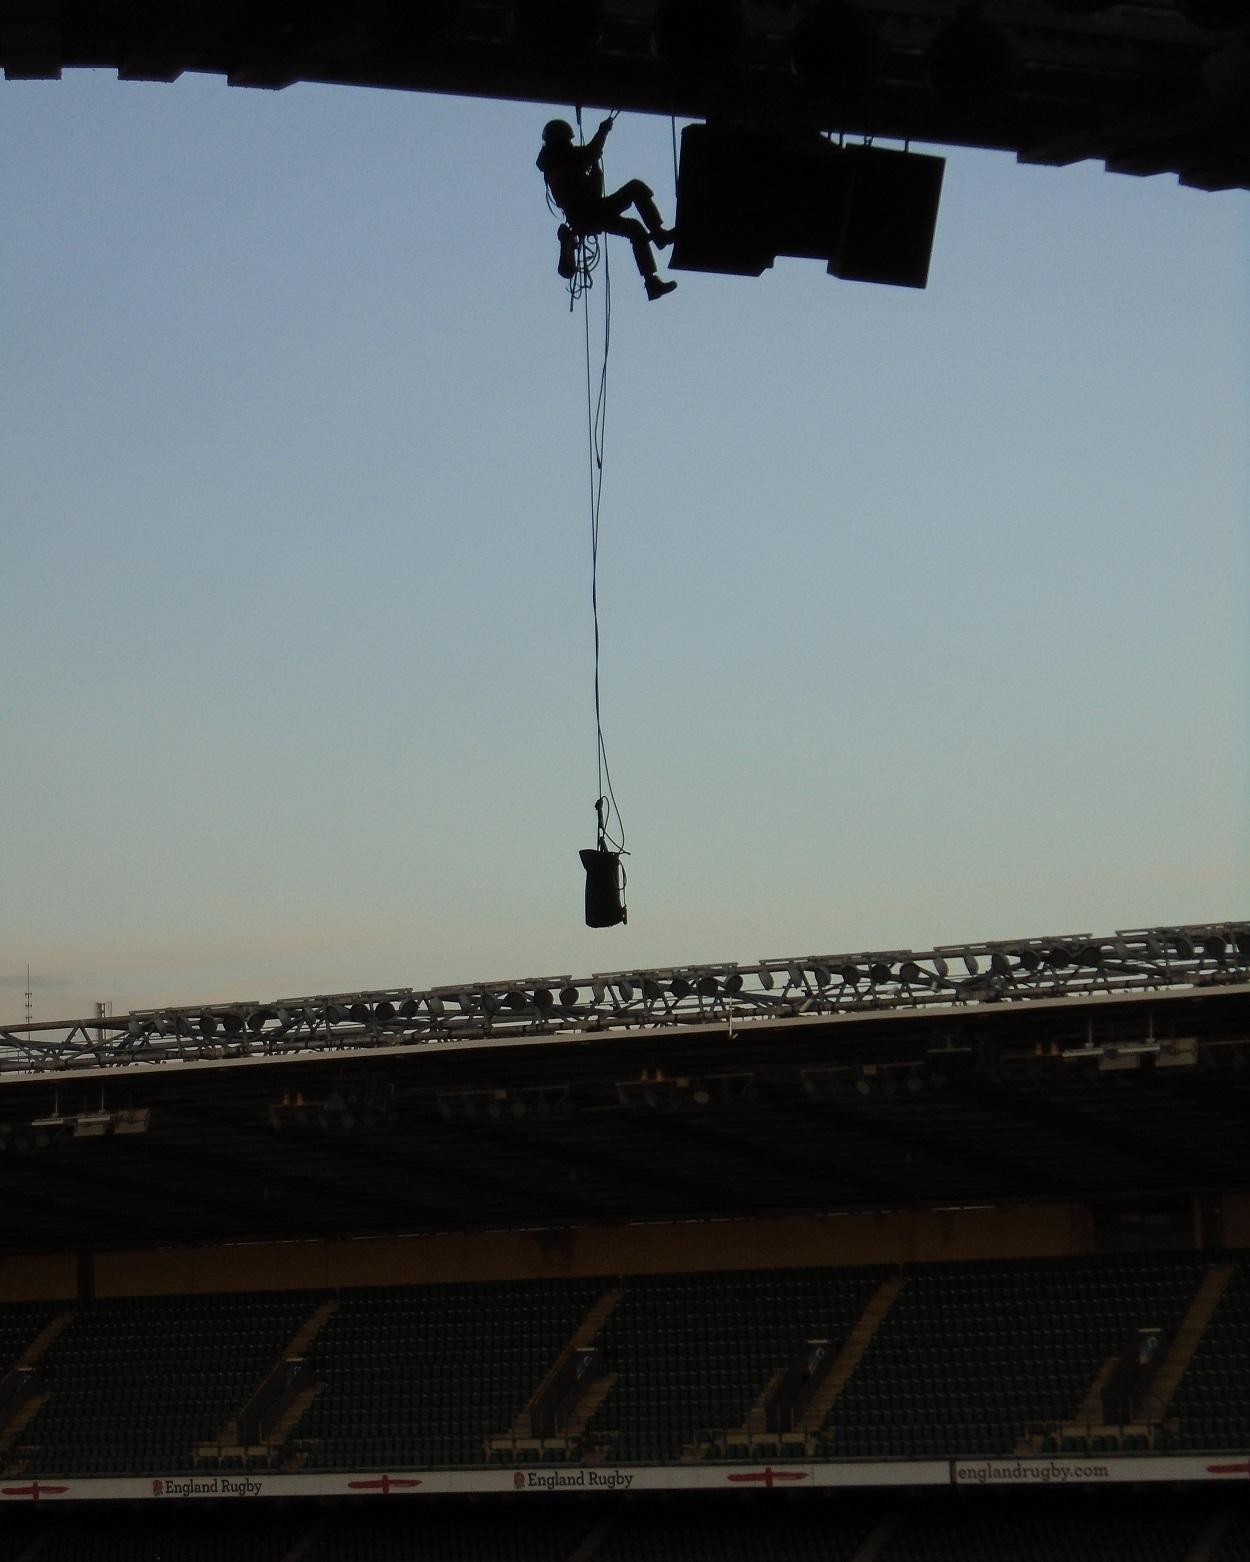 Rope Access Stadium Speaker Works